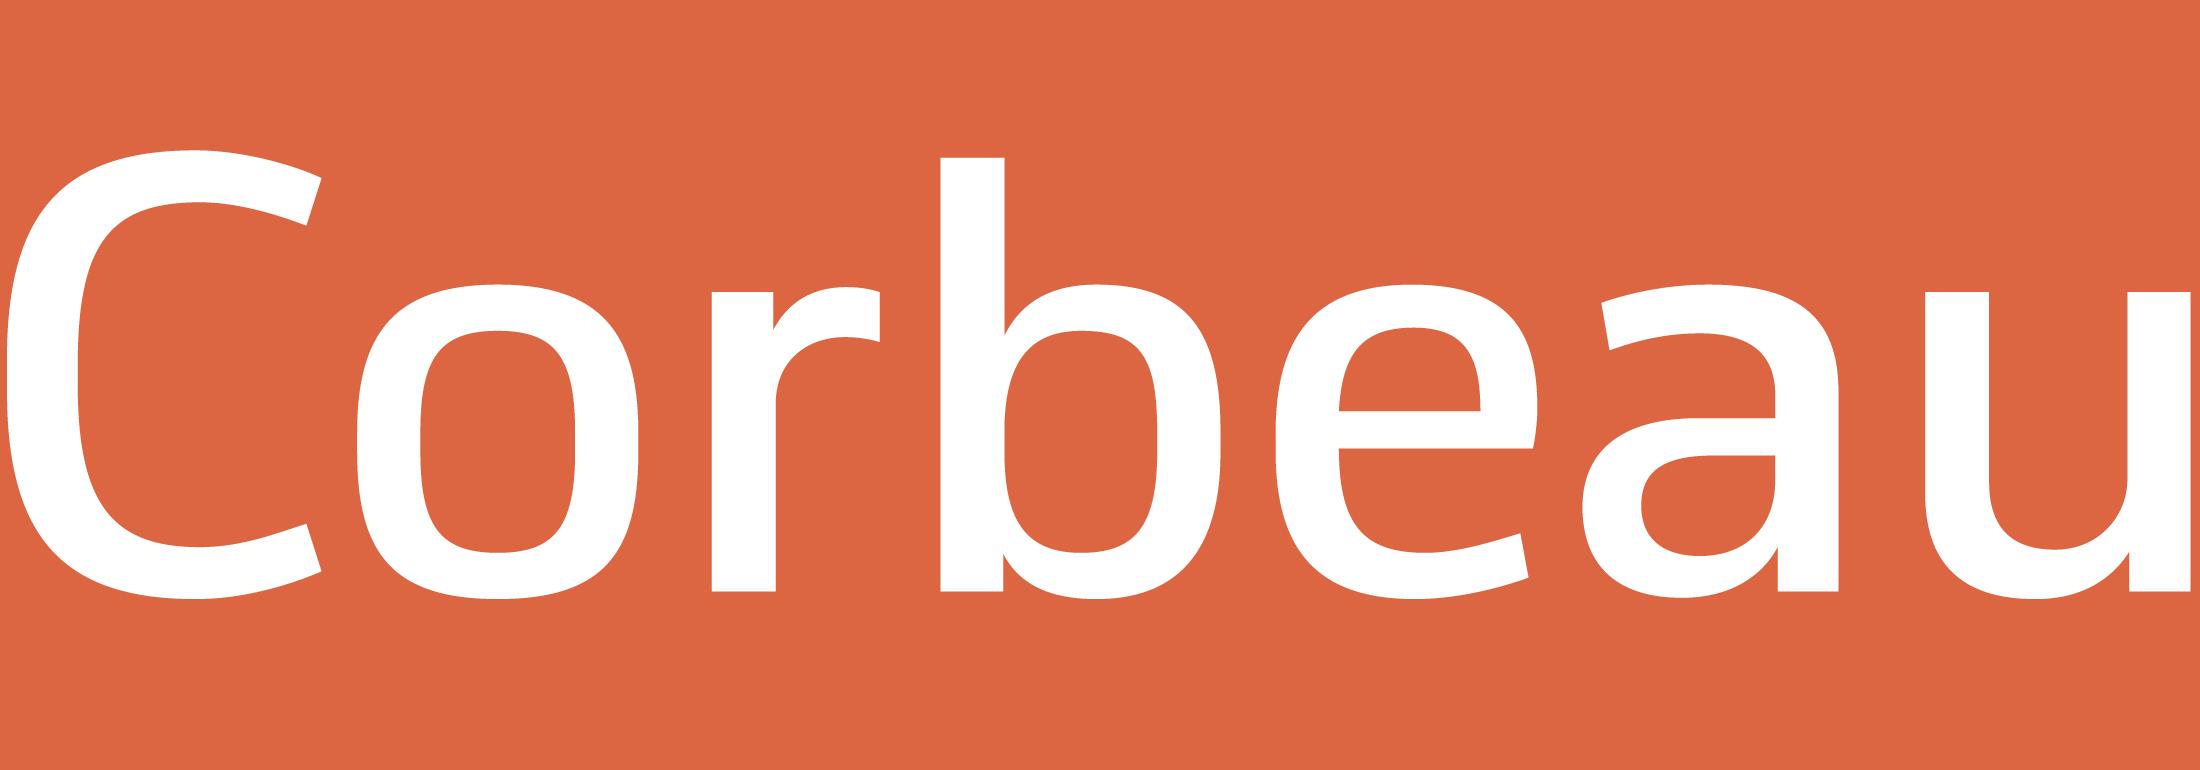 Corbeau Typeface